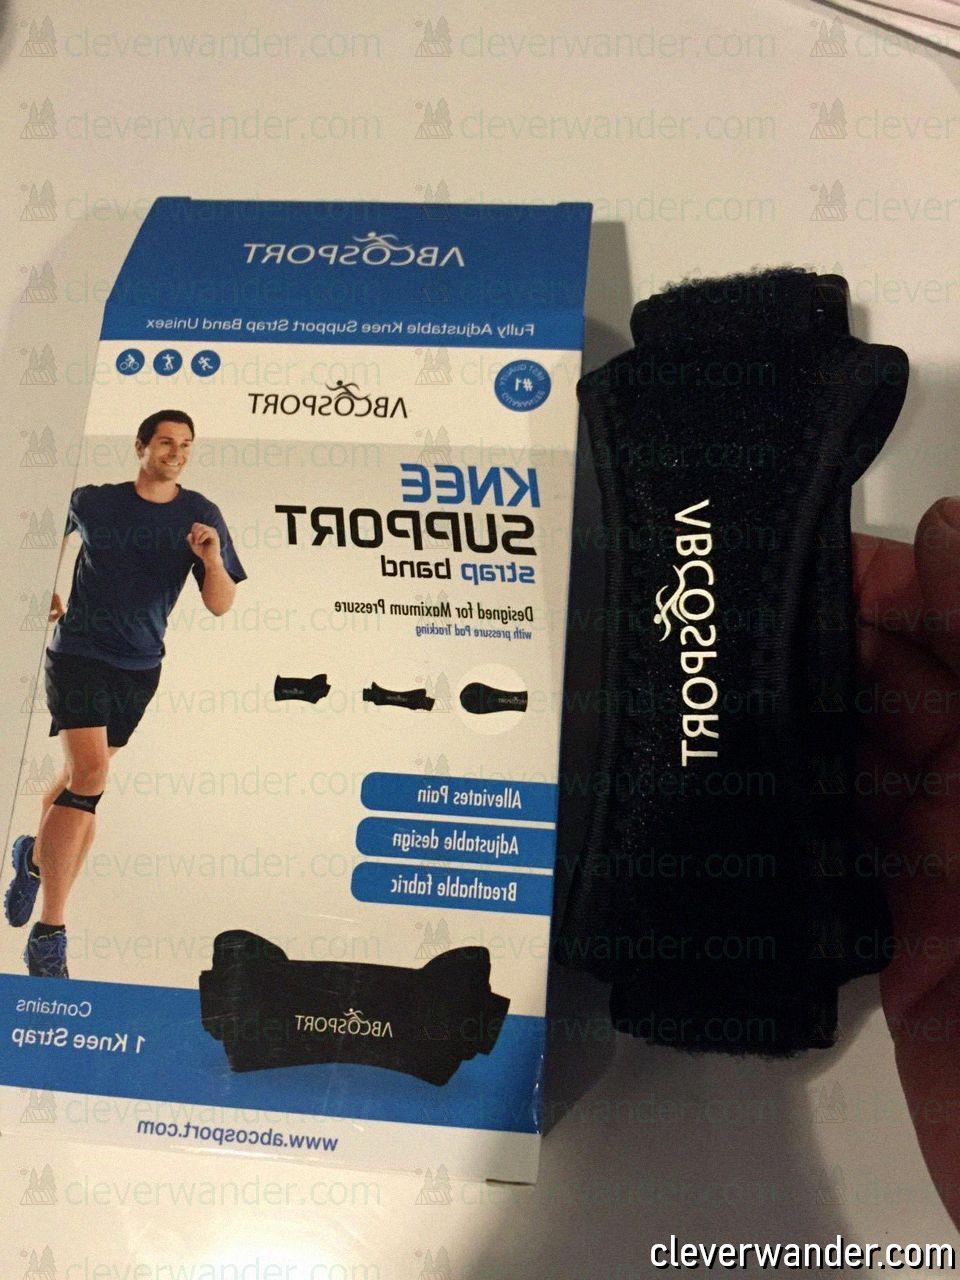 Abco Tech Patella Knee Strap - image review 4